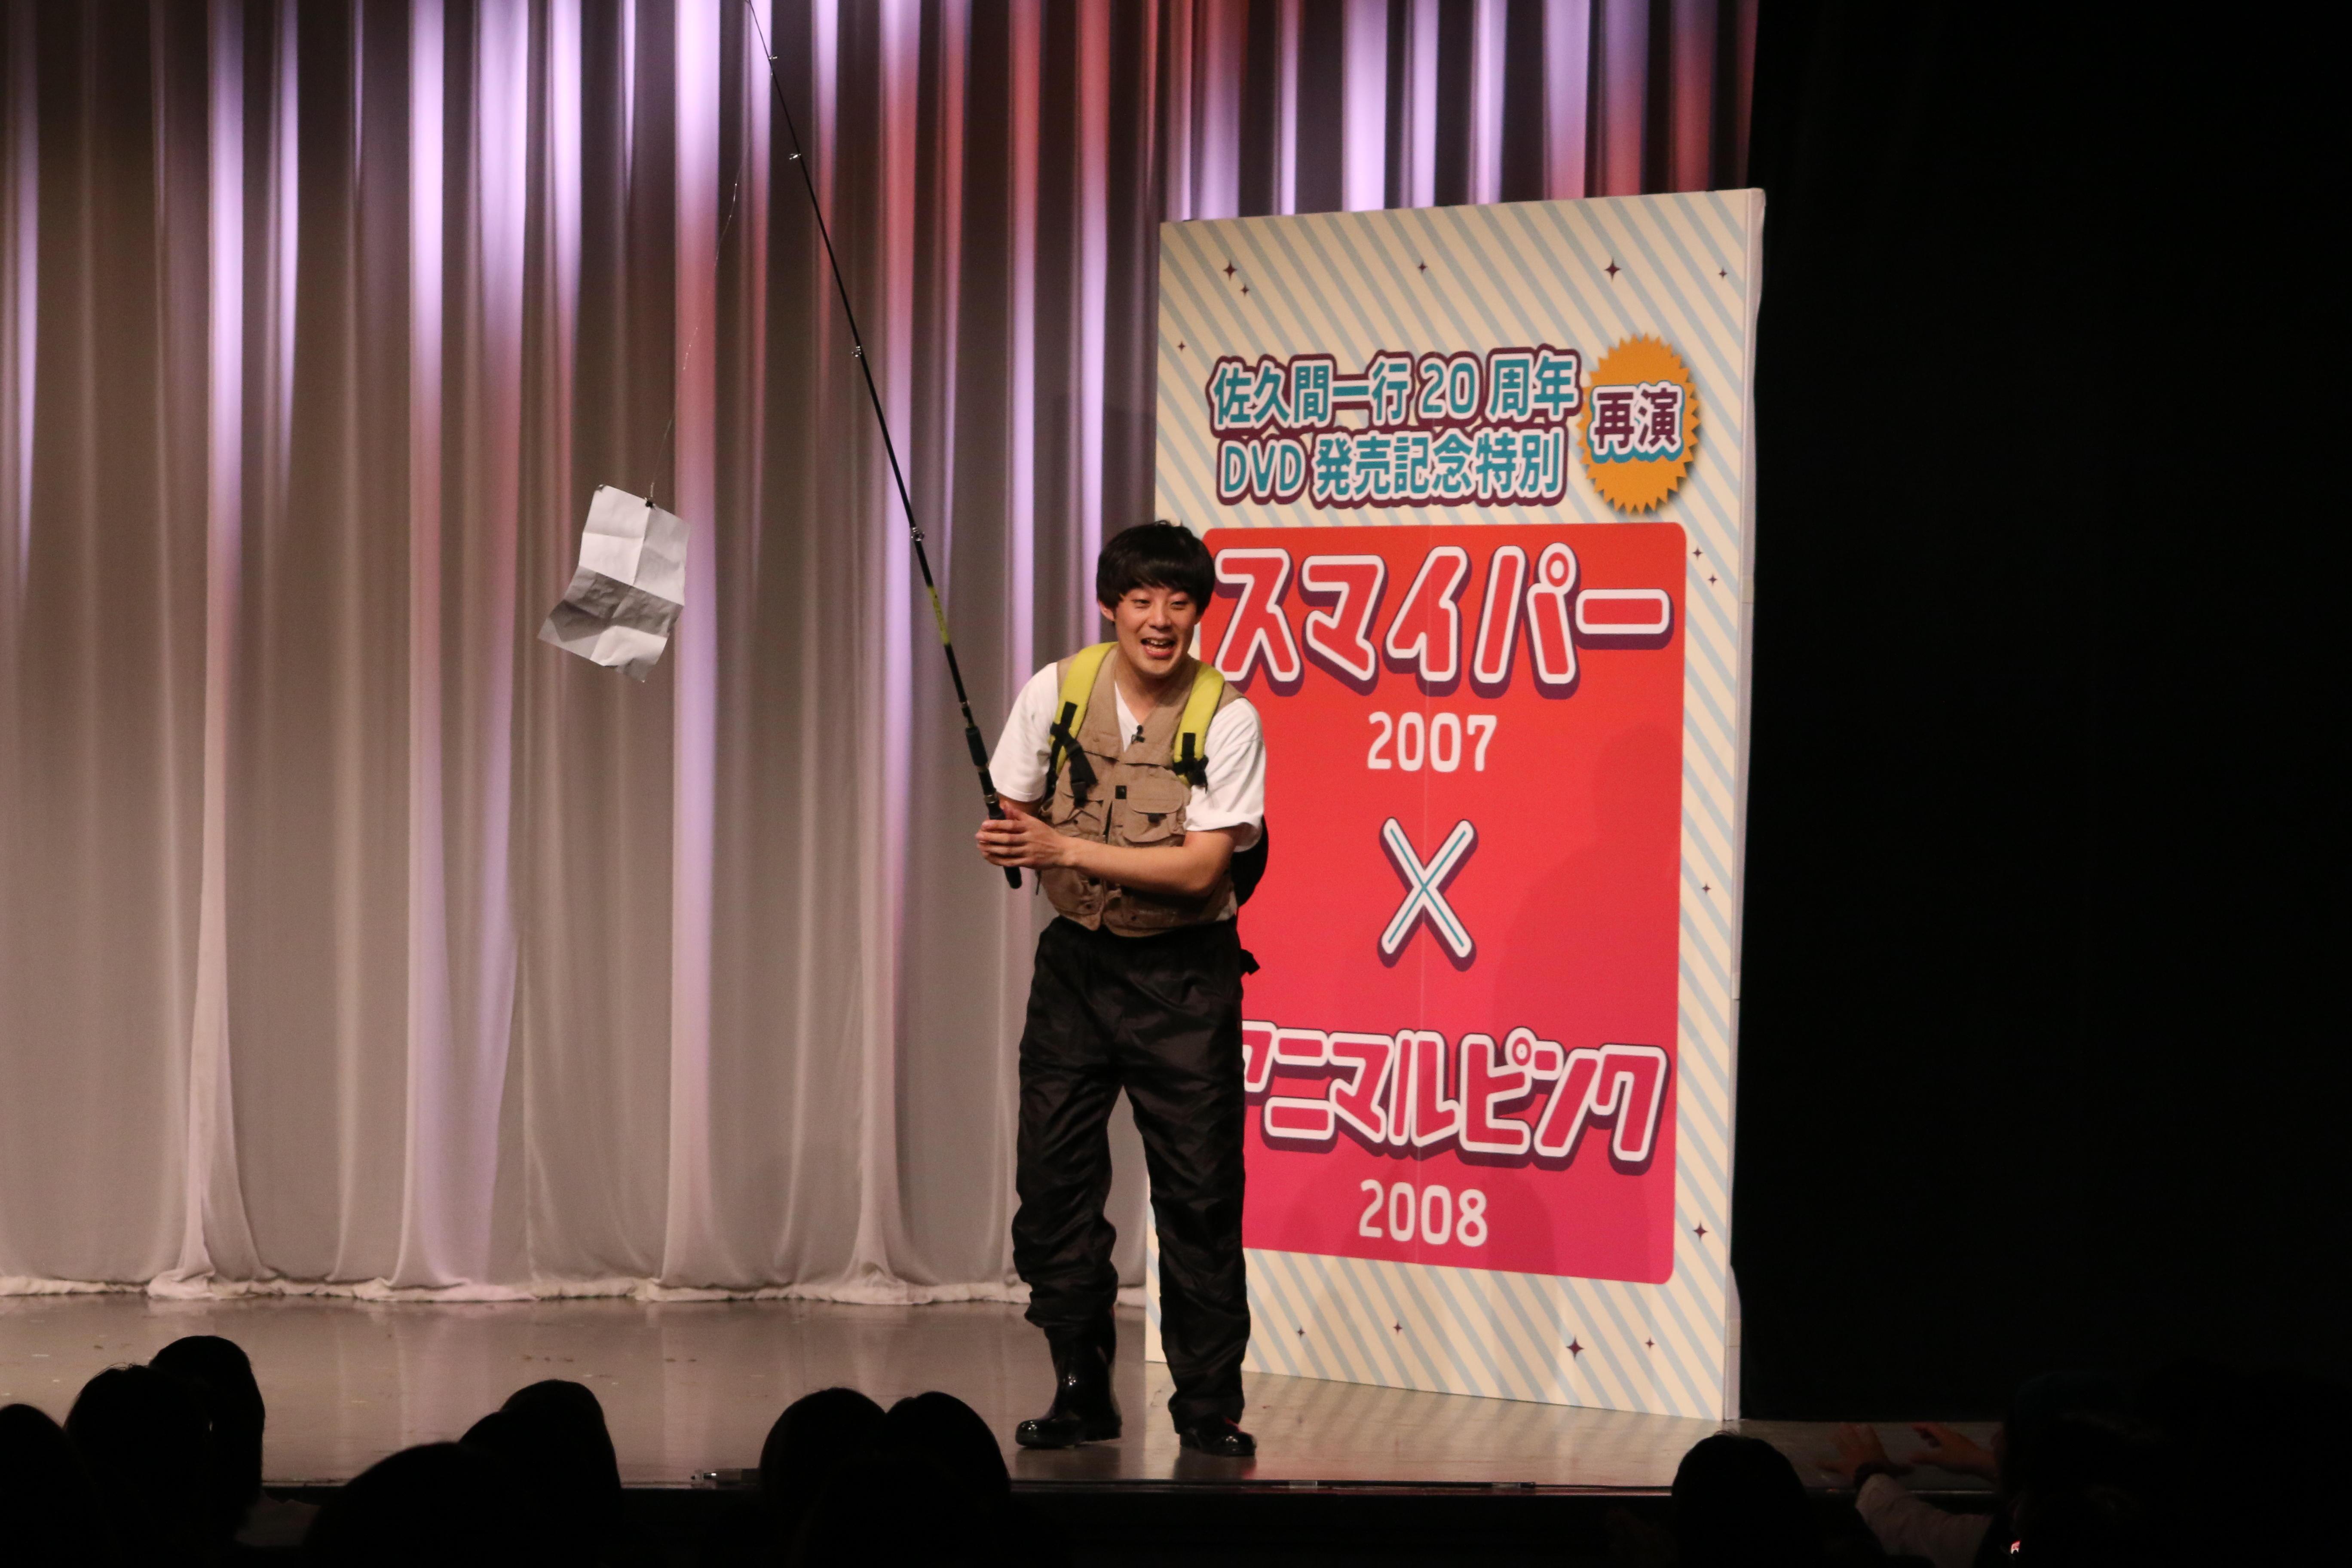 http://news.yoshimoto.co.jp/20170320225604-b15dcf179ed50ced88c89616fb6e755a63e6d946.jpg